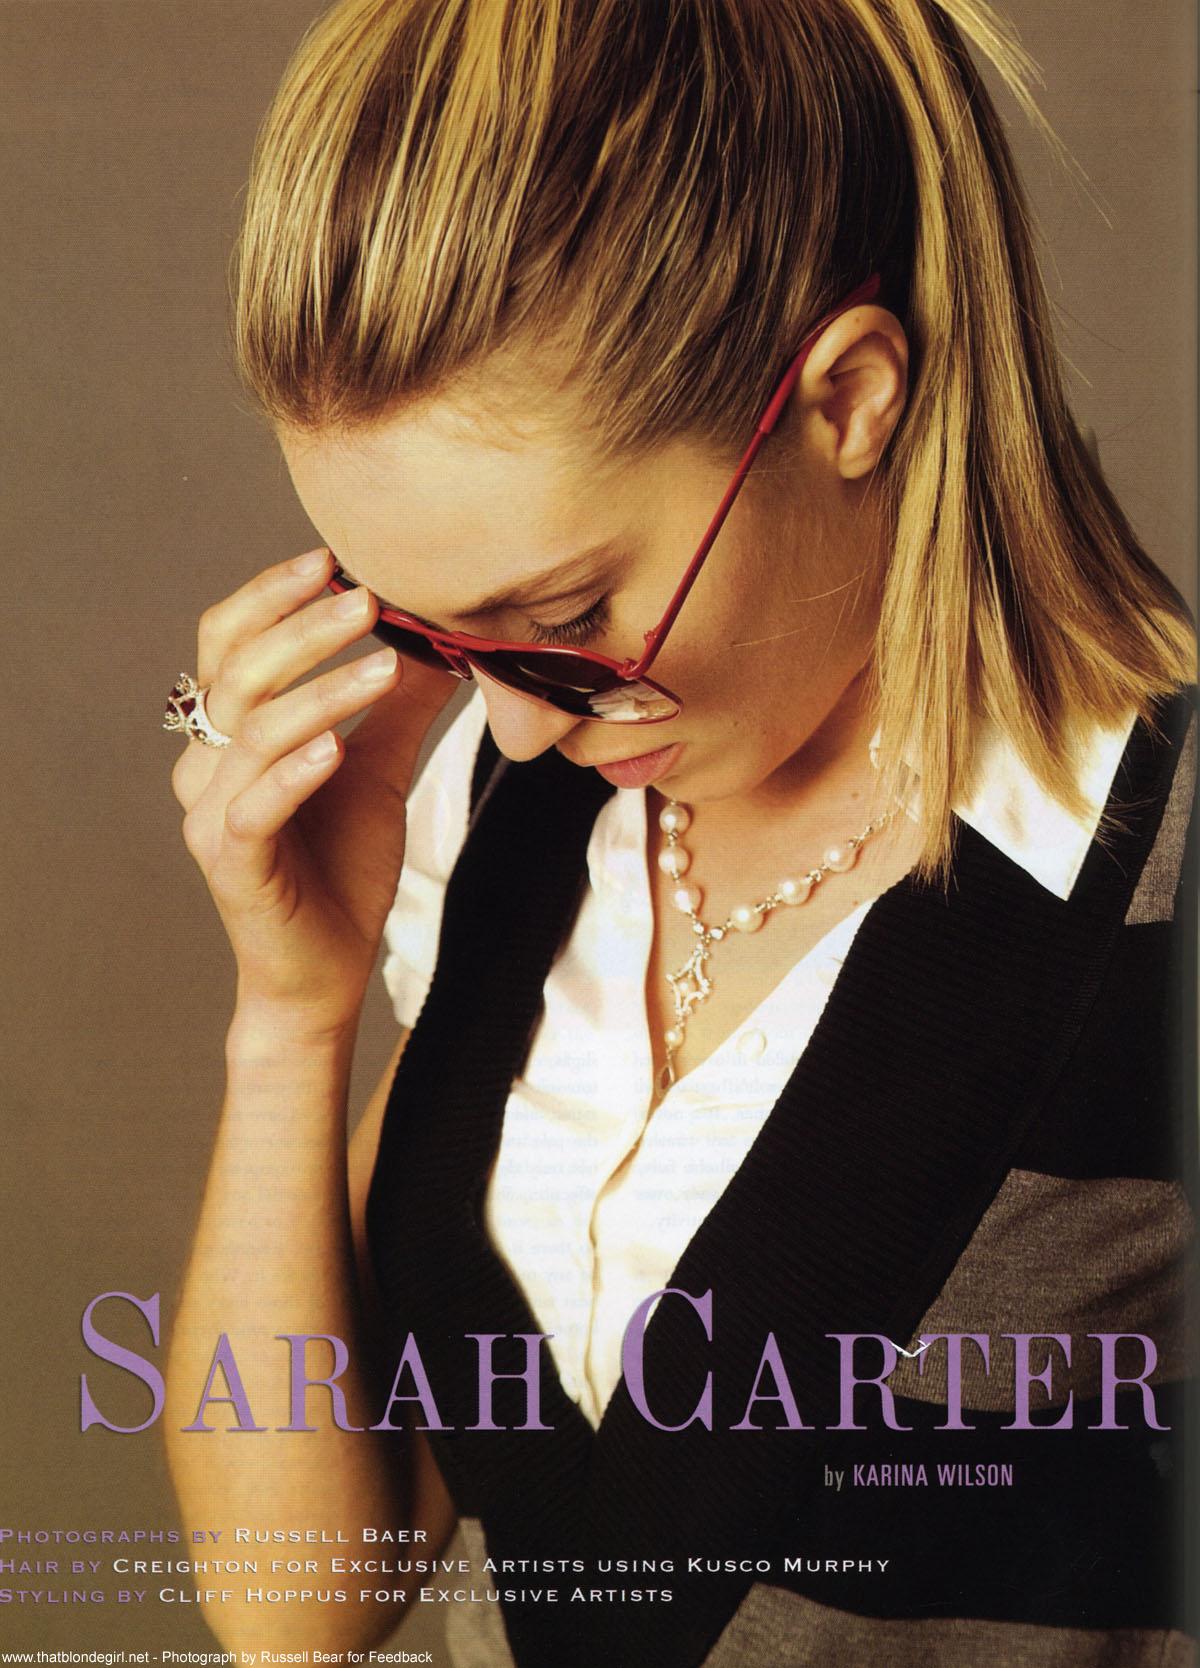 Celebrity Sarah Carter Photos Pictures wallpapers Sarah Carter 1200x1668